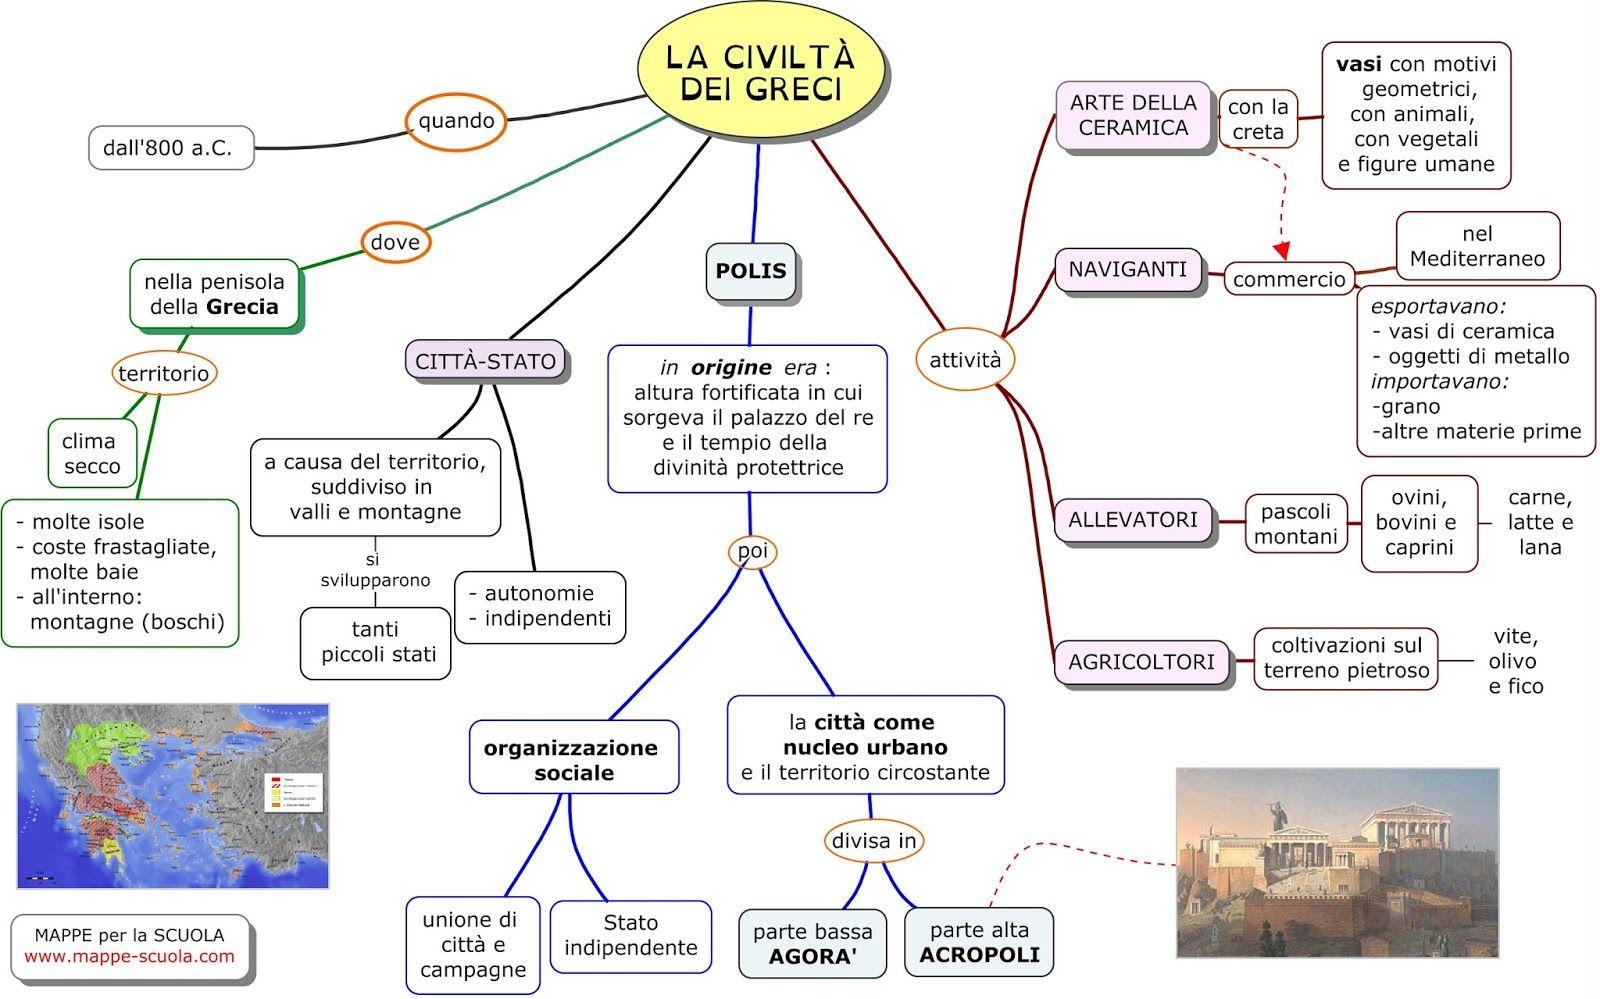 Mappa Concettuale Sulla Civilta Dei Greci La Polis L Acropoli